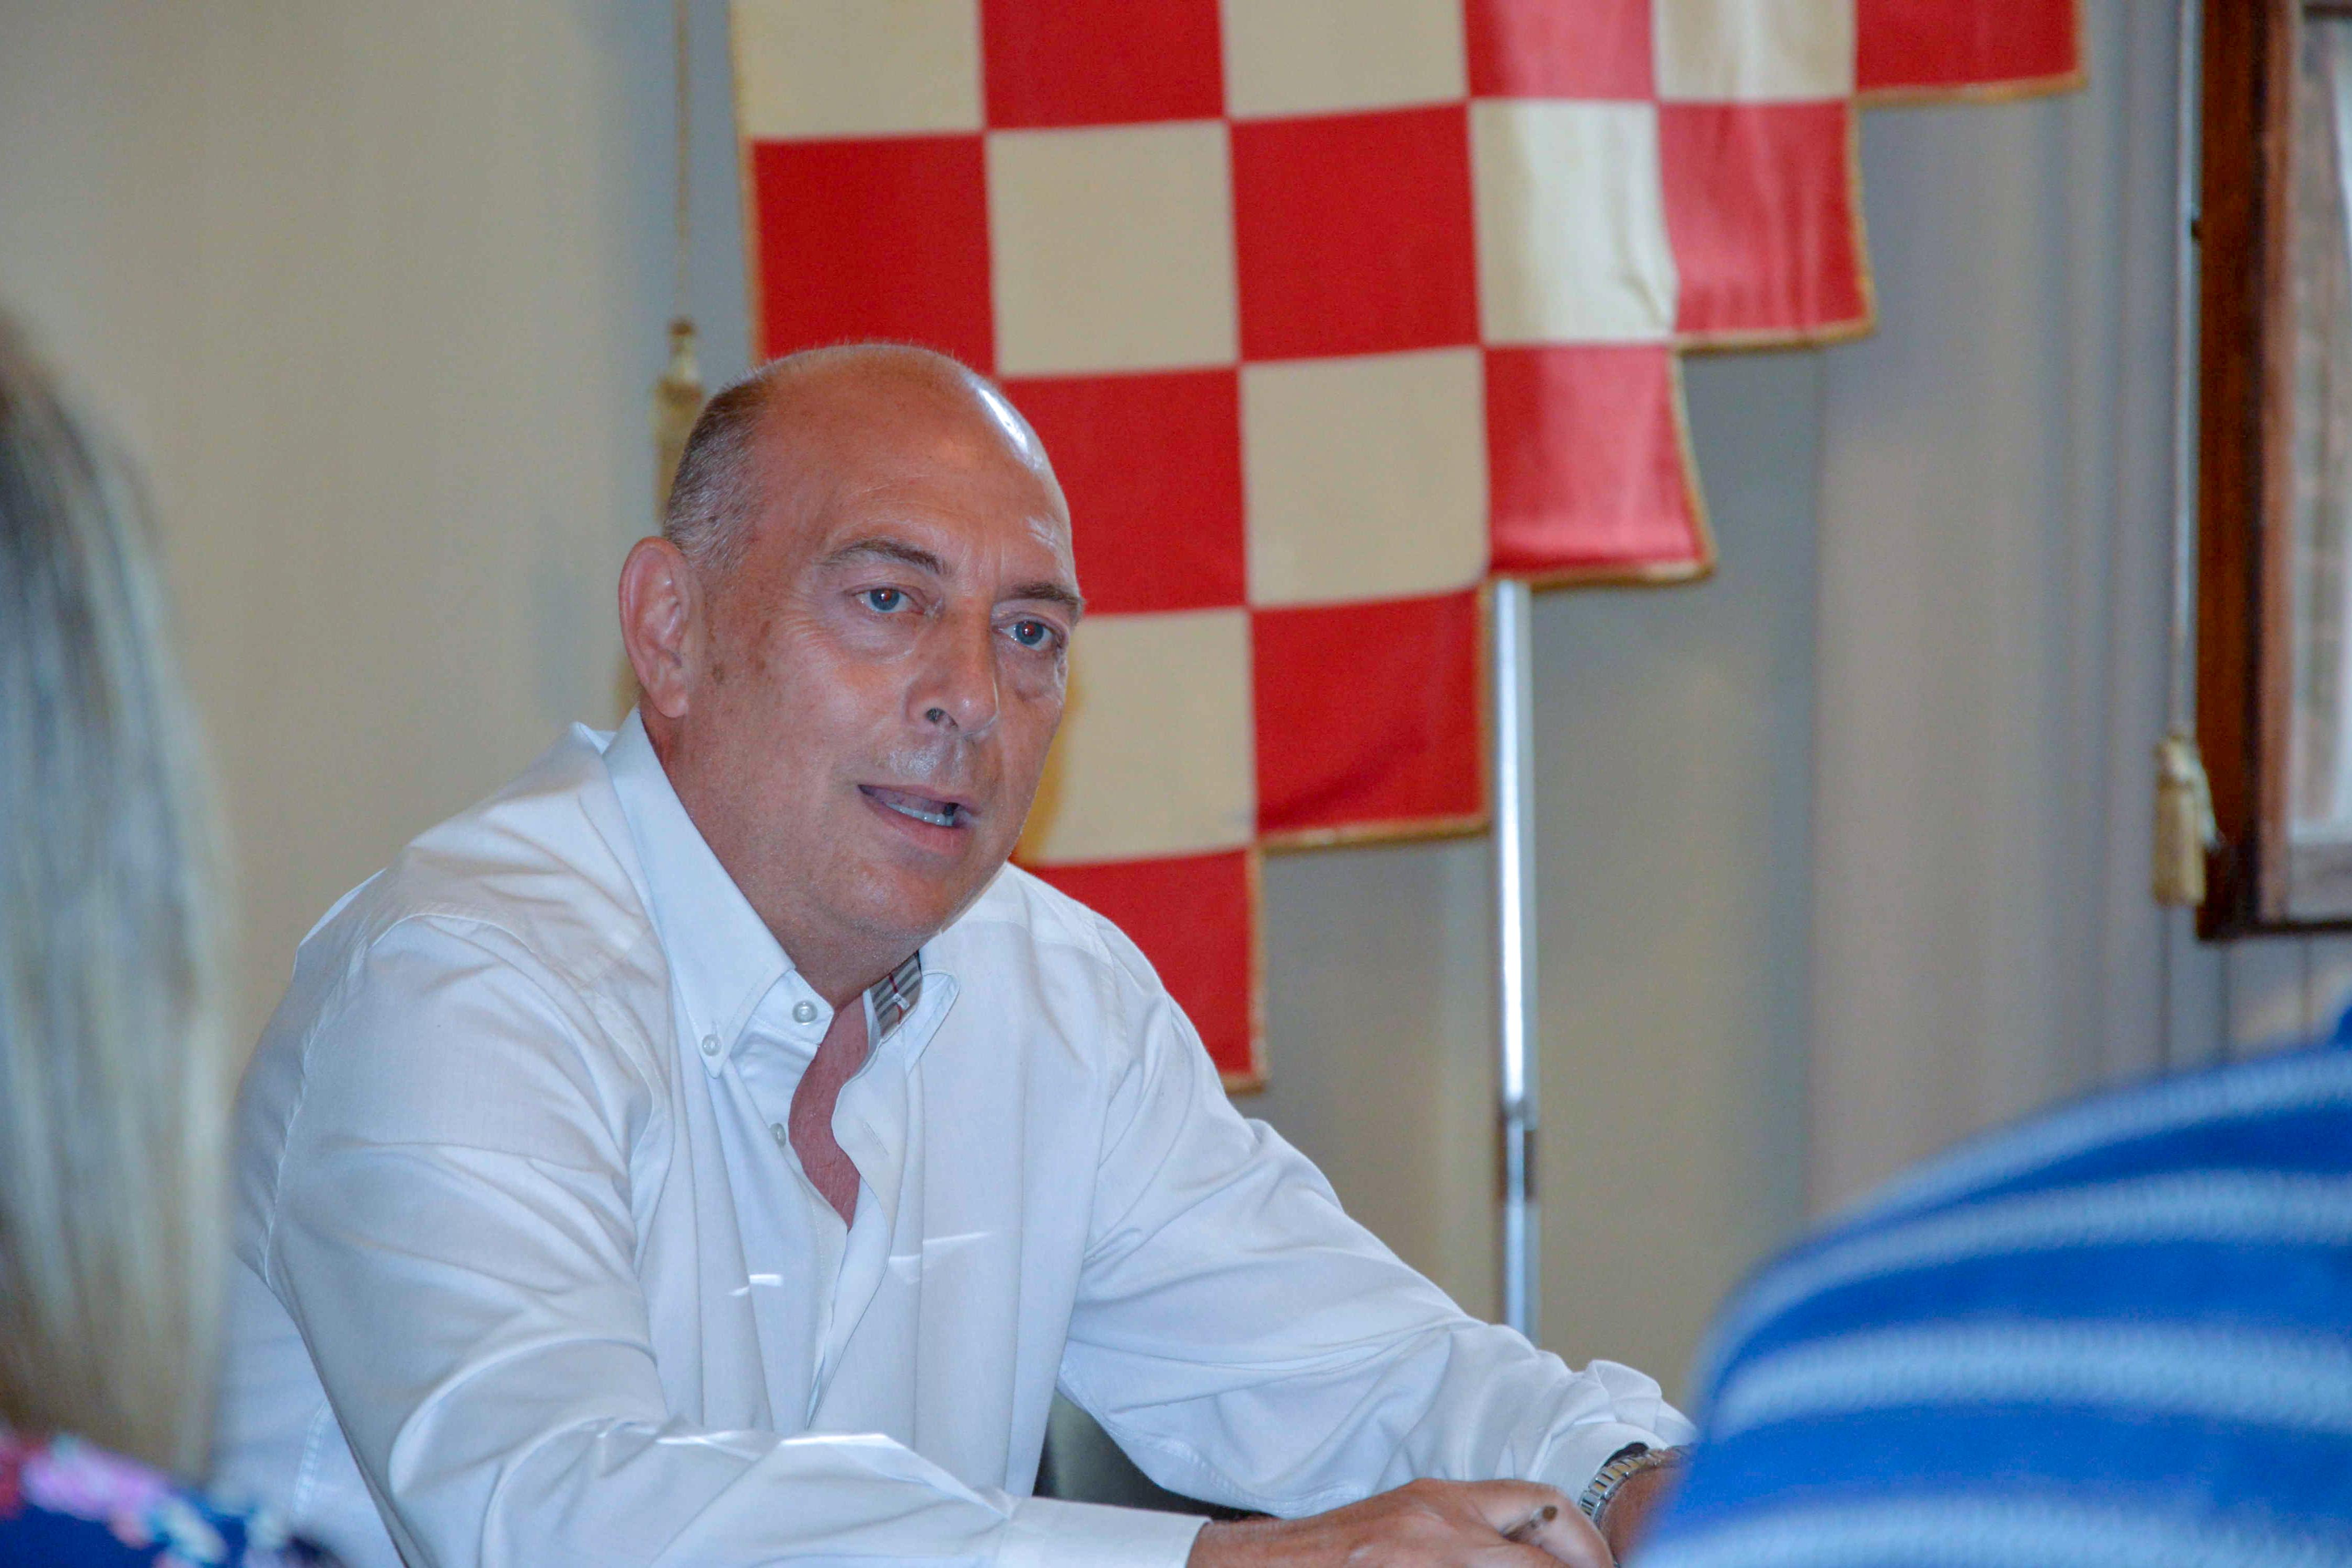 L'assessore al turismo del Comune di Pistoia Alessandro Sabella